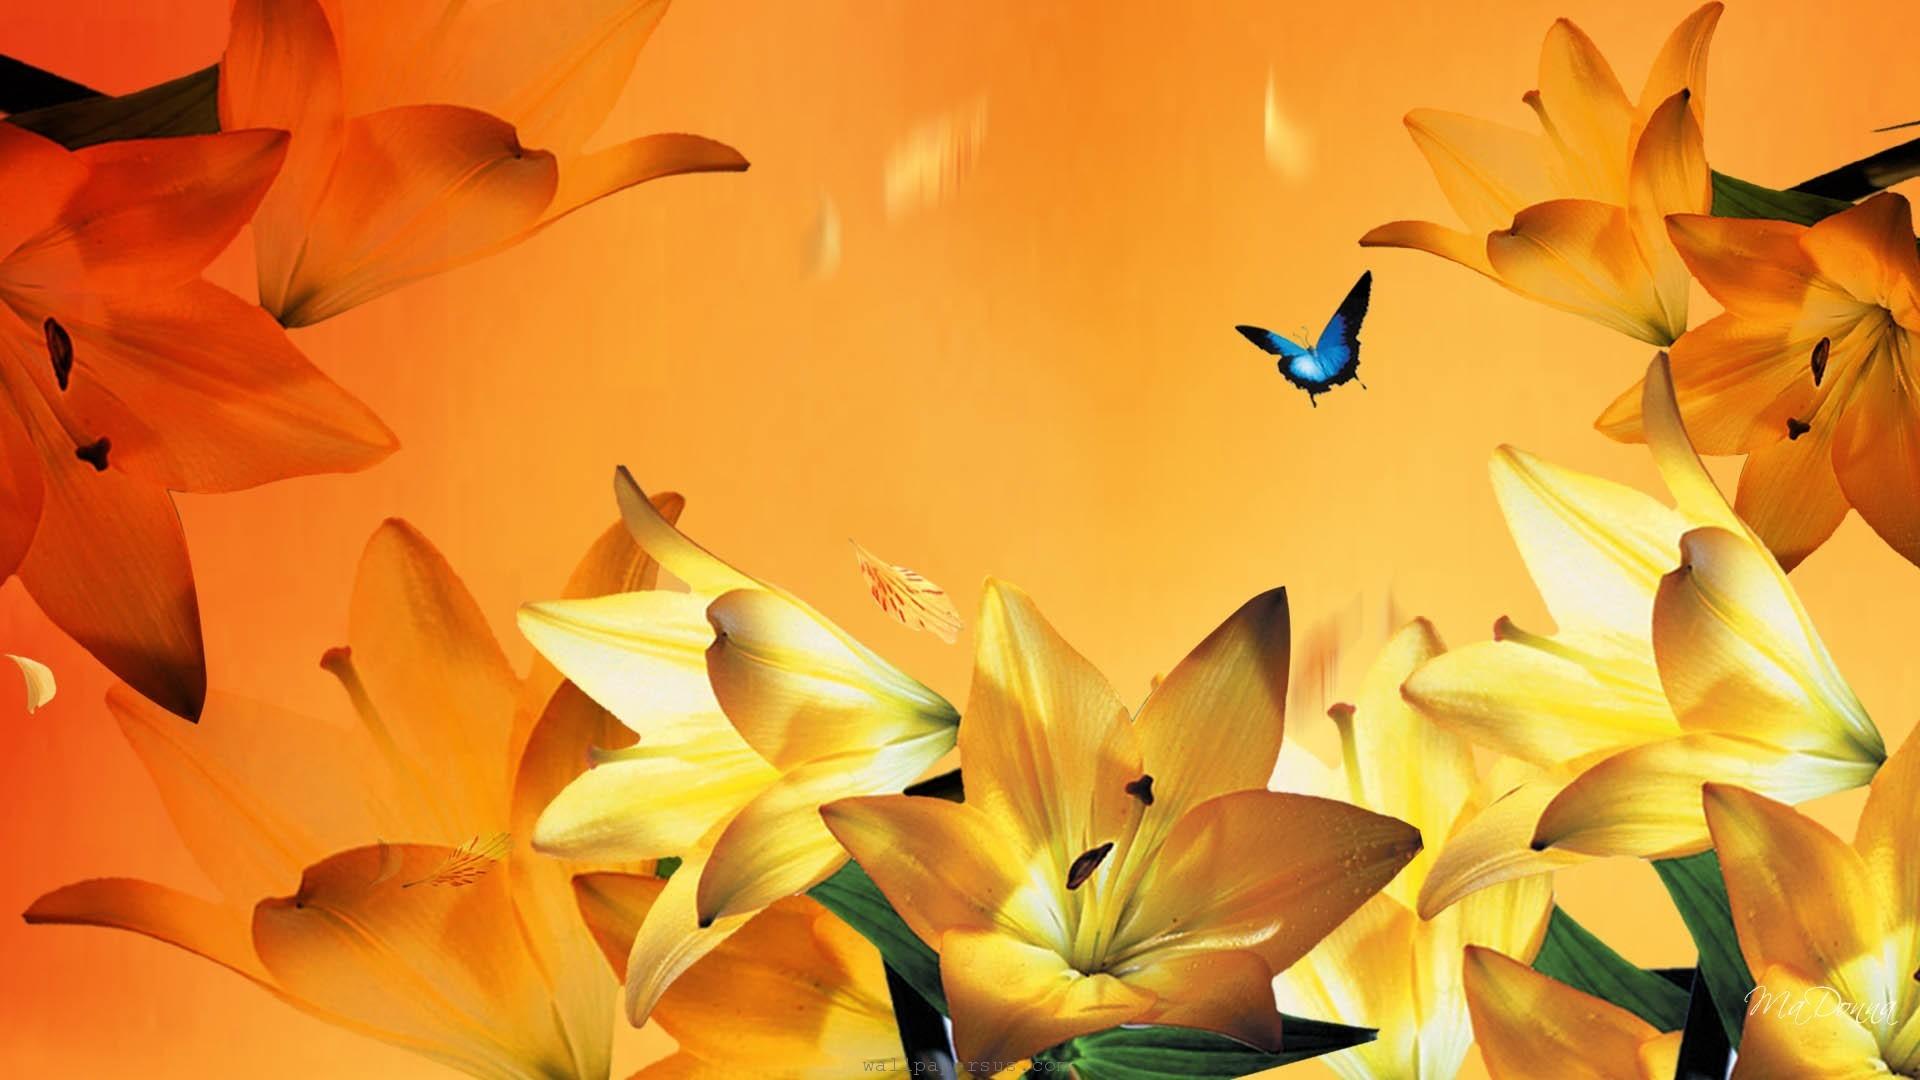 Blue Flowers In Fall 29 Cool Hd Wallpaper Hdflowerwallpaper